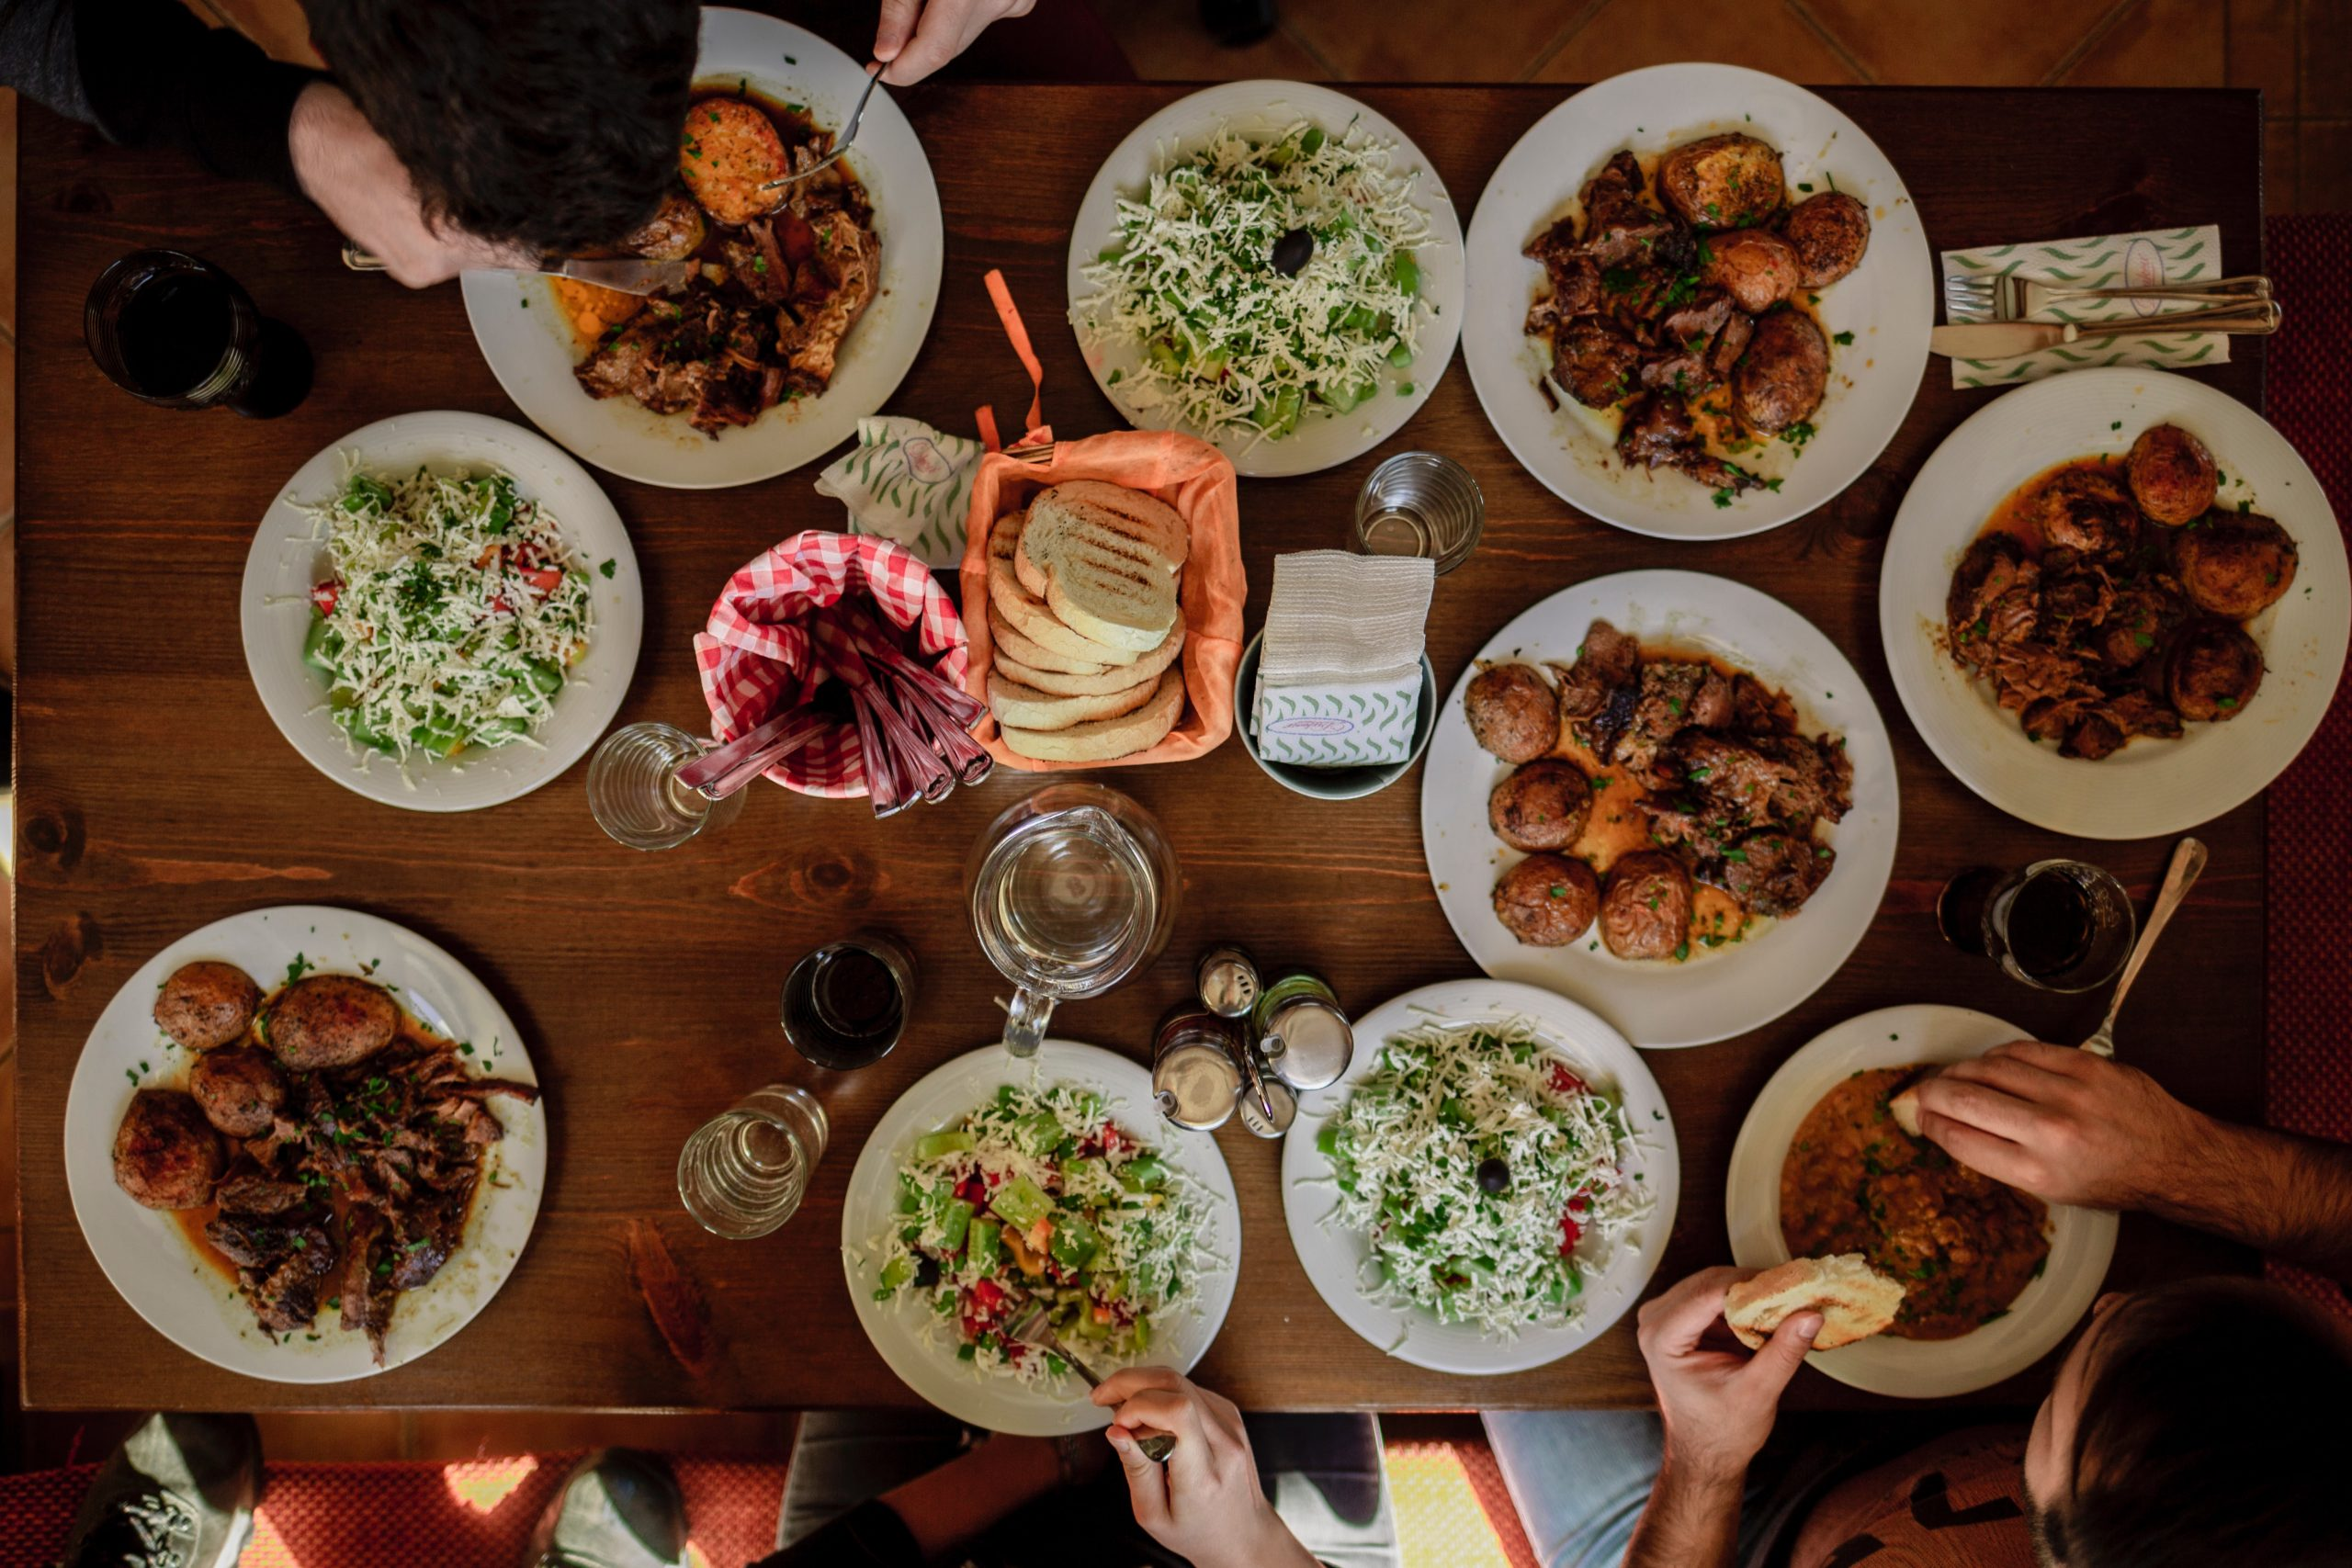 Potluck Dinner Service